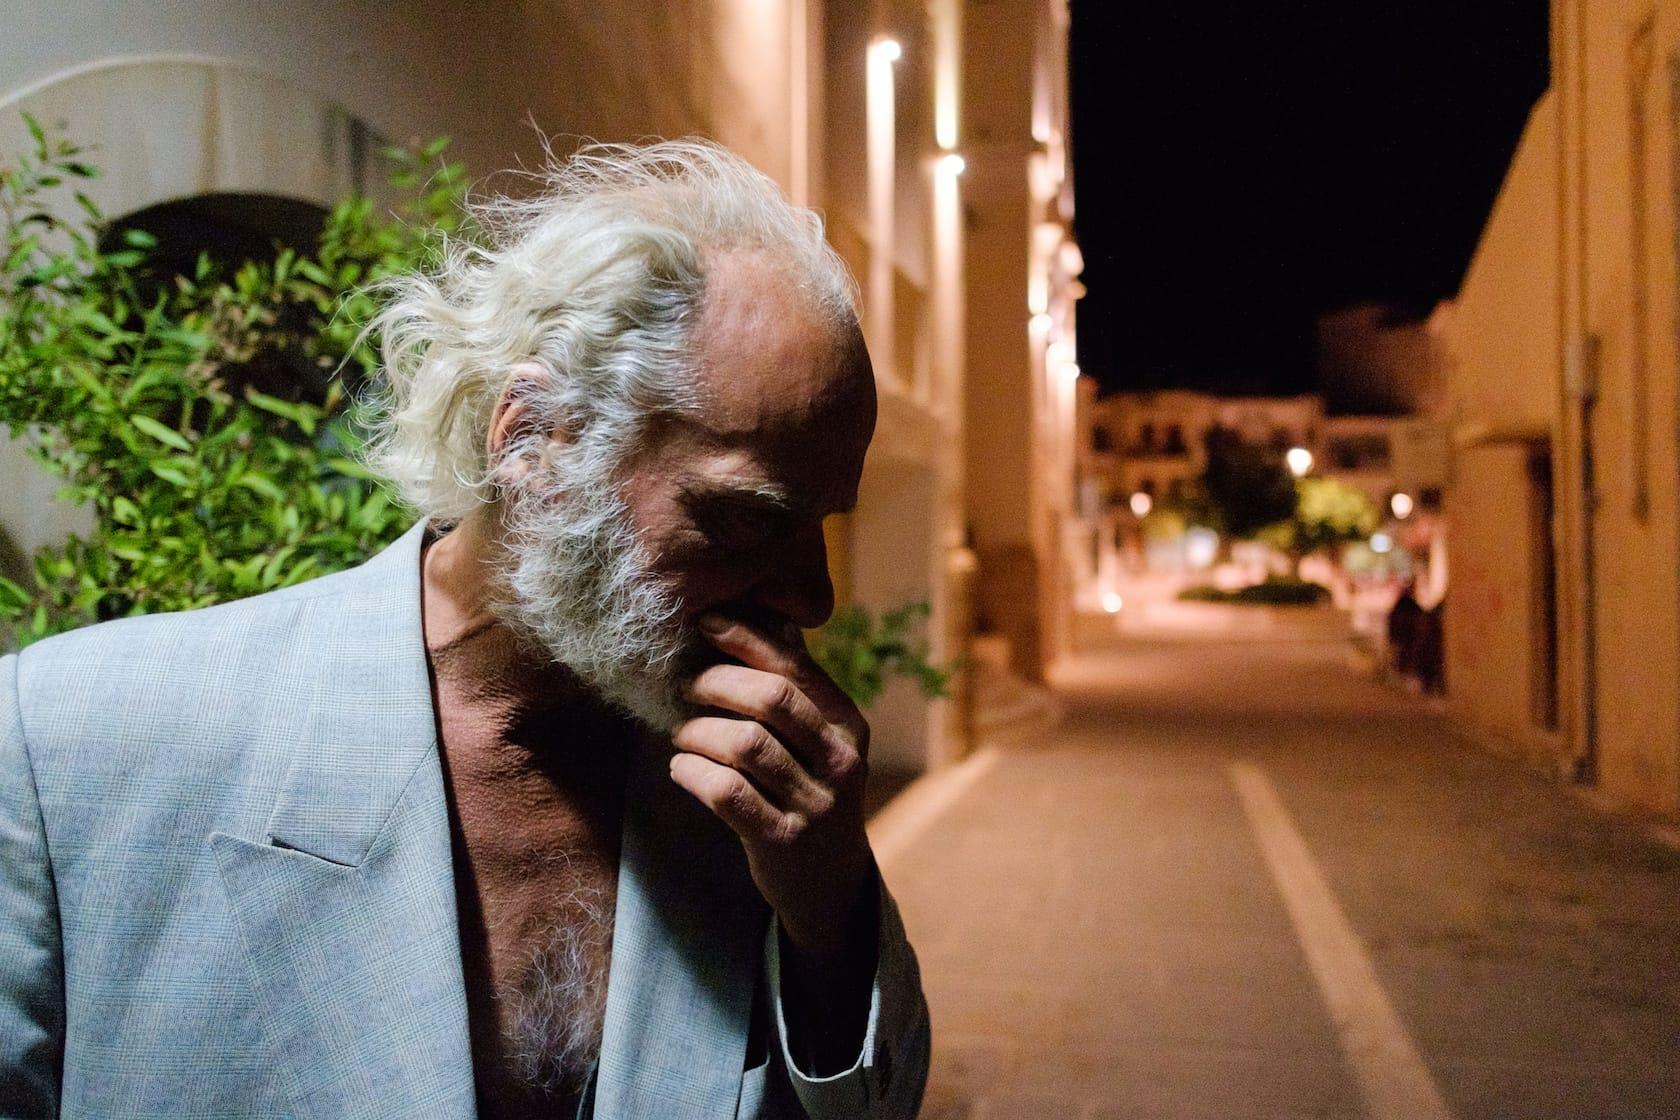 Pondering man shot by Spyros Papaspyropoulos